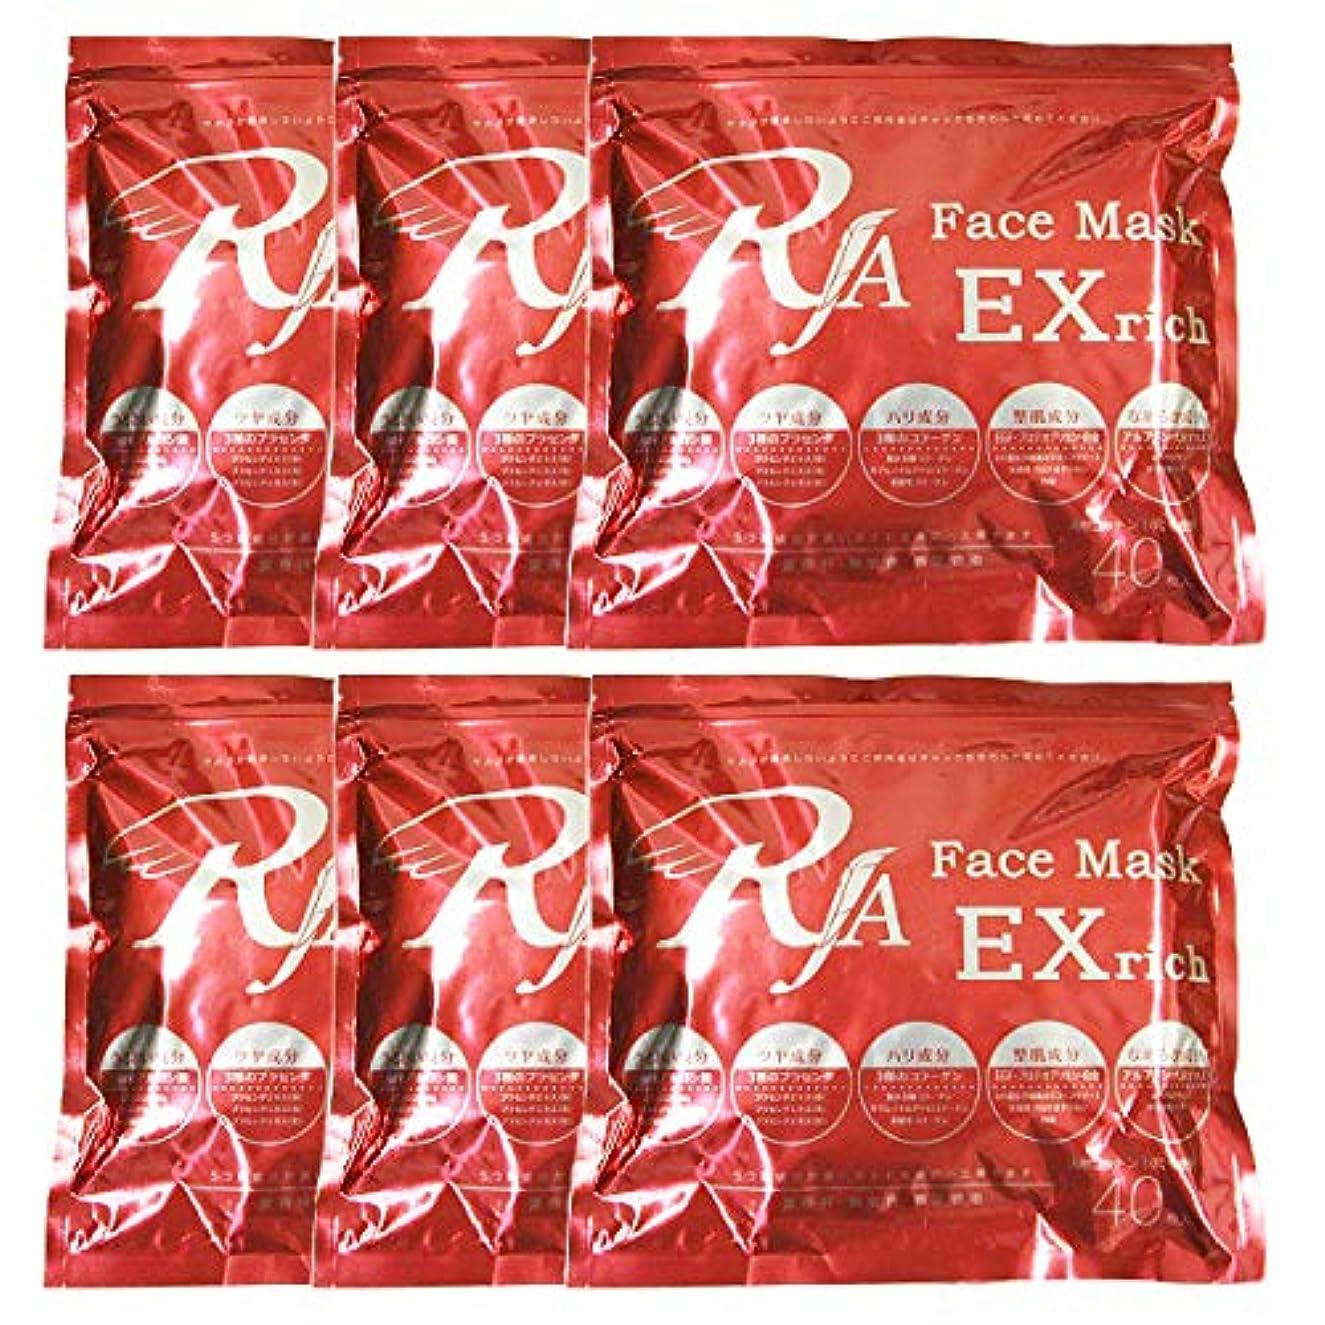 伝染性のアナニバードレスTBS公式/RJA フェイス マスク EXrich 240枚入(40枚×6袋) エステ使用の実力派フェイスマスク!1枚に約11mlもの美容液